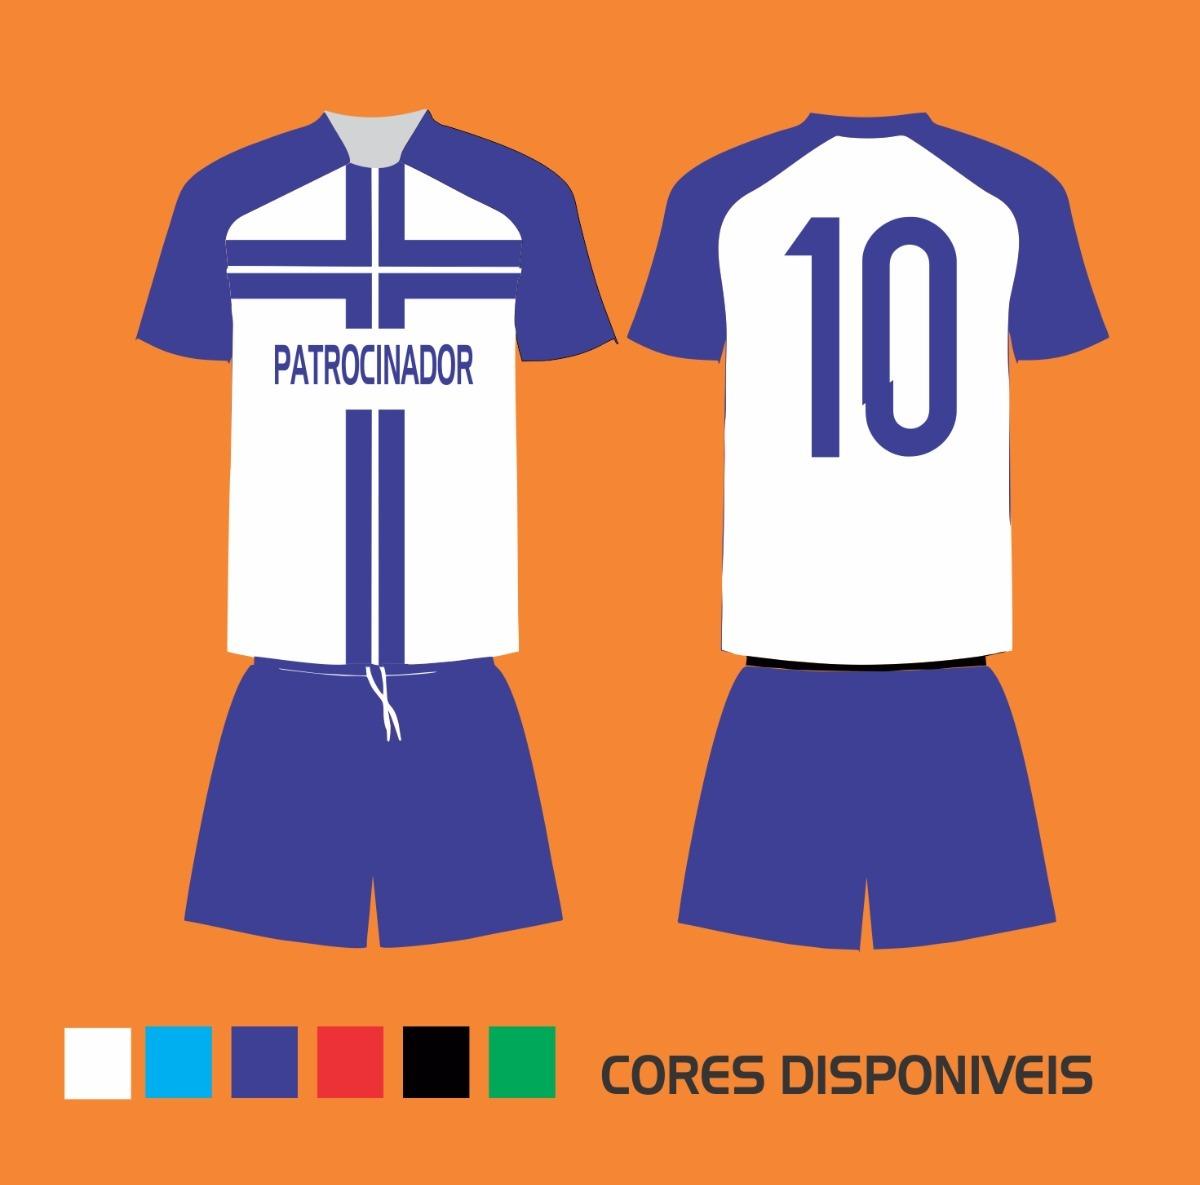 ... fardamento uniforme esportivo futebol. Carregando zoom. b5055a027f954